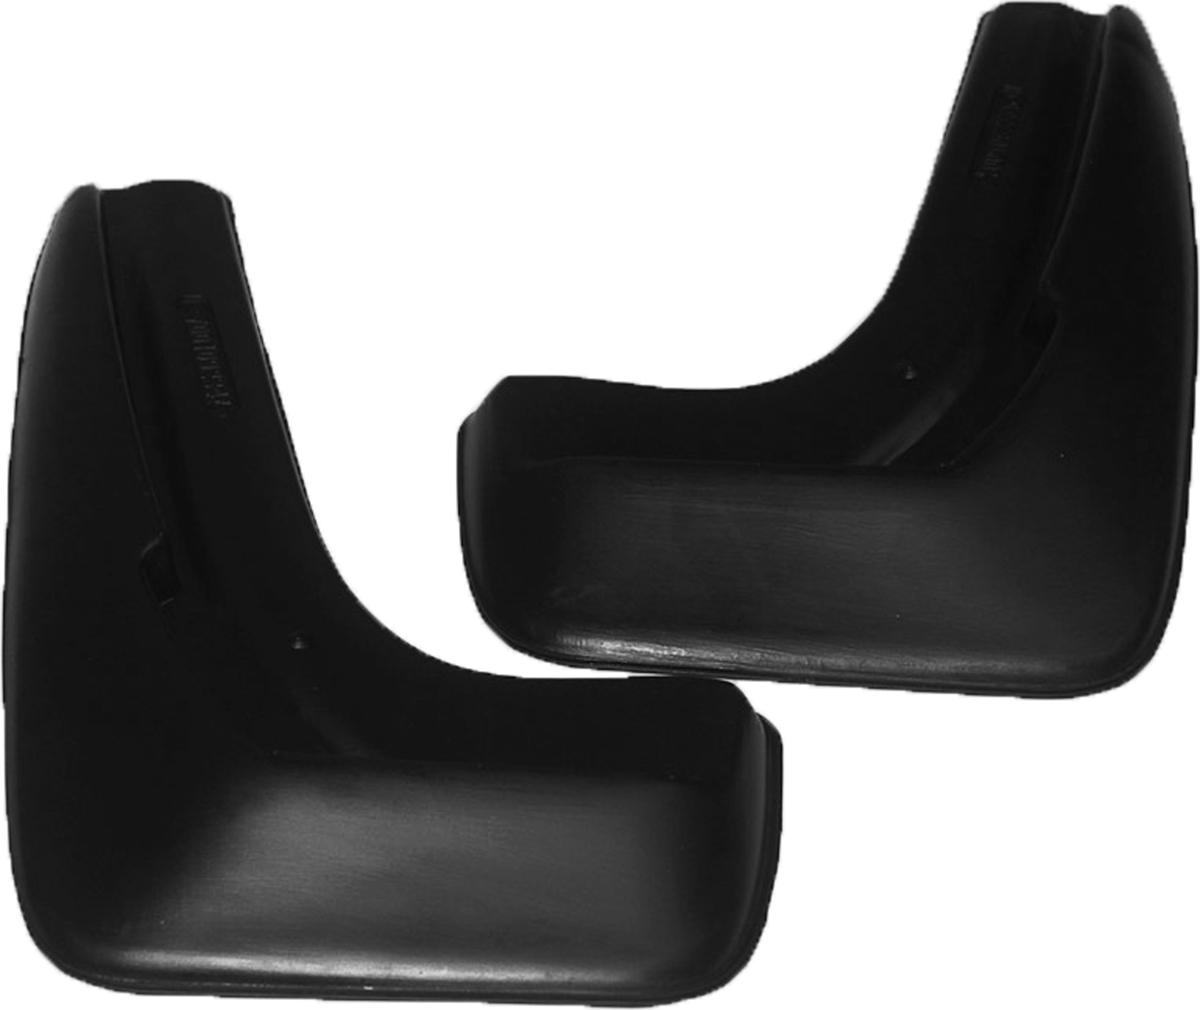 Комплект брызговиков задних L.Locker, для Volkswagen Polo V sd (14-), 2 шт1004900000360Брызговики L.Locker изготовлены из высококачественного полимера. Уникальный состав брызговиков допускает их эксплуатацию в широком диапазоне температур: от -50°С до +80°С. Эффективно защищают кузов автомобиля от грязи и воды - формируют аэродинамический поток воздуха, создаваемый при движении вокруг кузова таким образом, чтобы максимально уменьшить образование грязевой измороси, оседающей на автомобиле. Разработаны индивидуально для каждой модели автомобиля, с эстетической точки зрения брызговики являются завершением колесной арки.Крепления в комплекте.